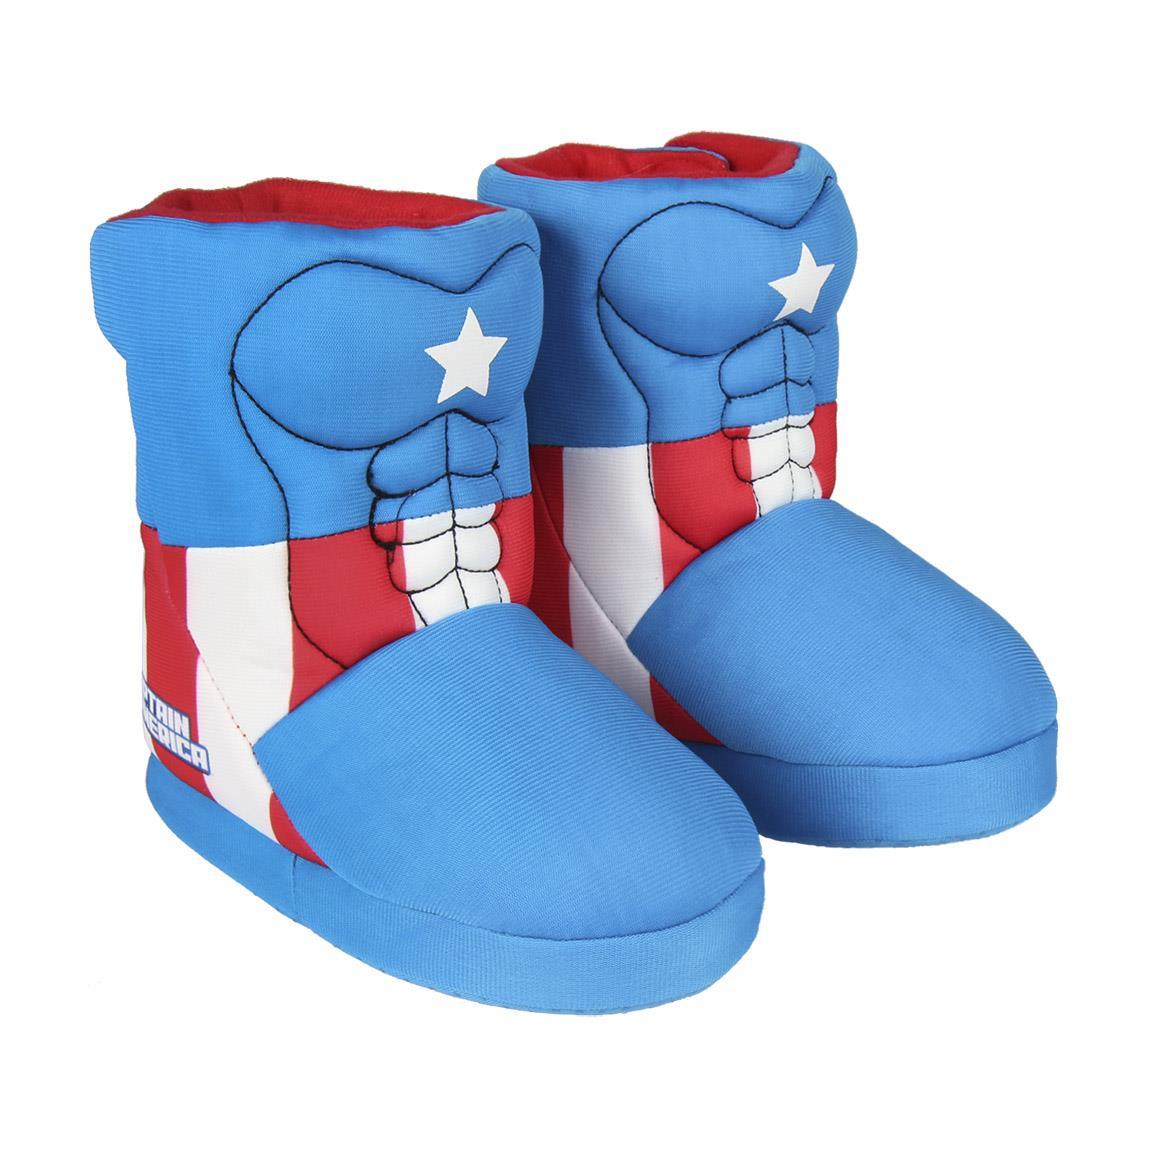 Chausson Captain America 3D